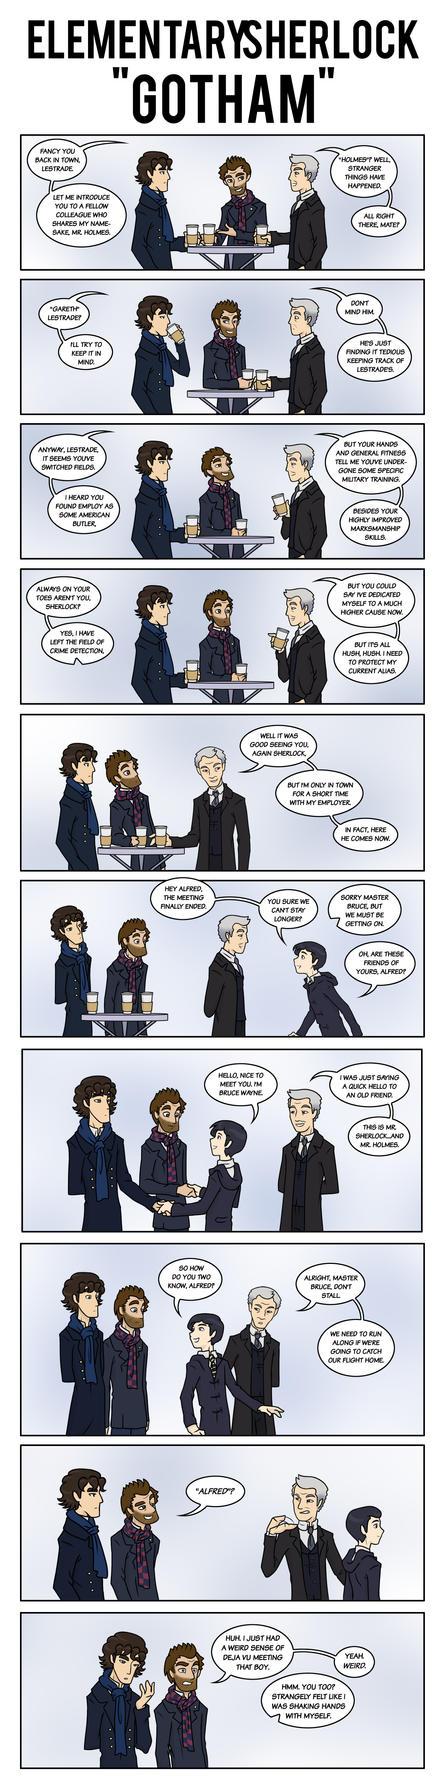 Elementary/Sherlock: Gotham by maryfgr23